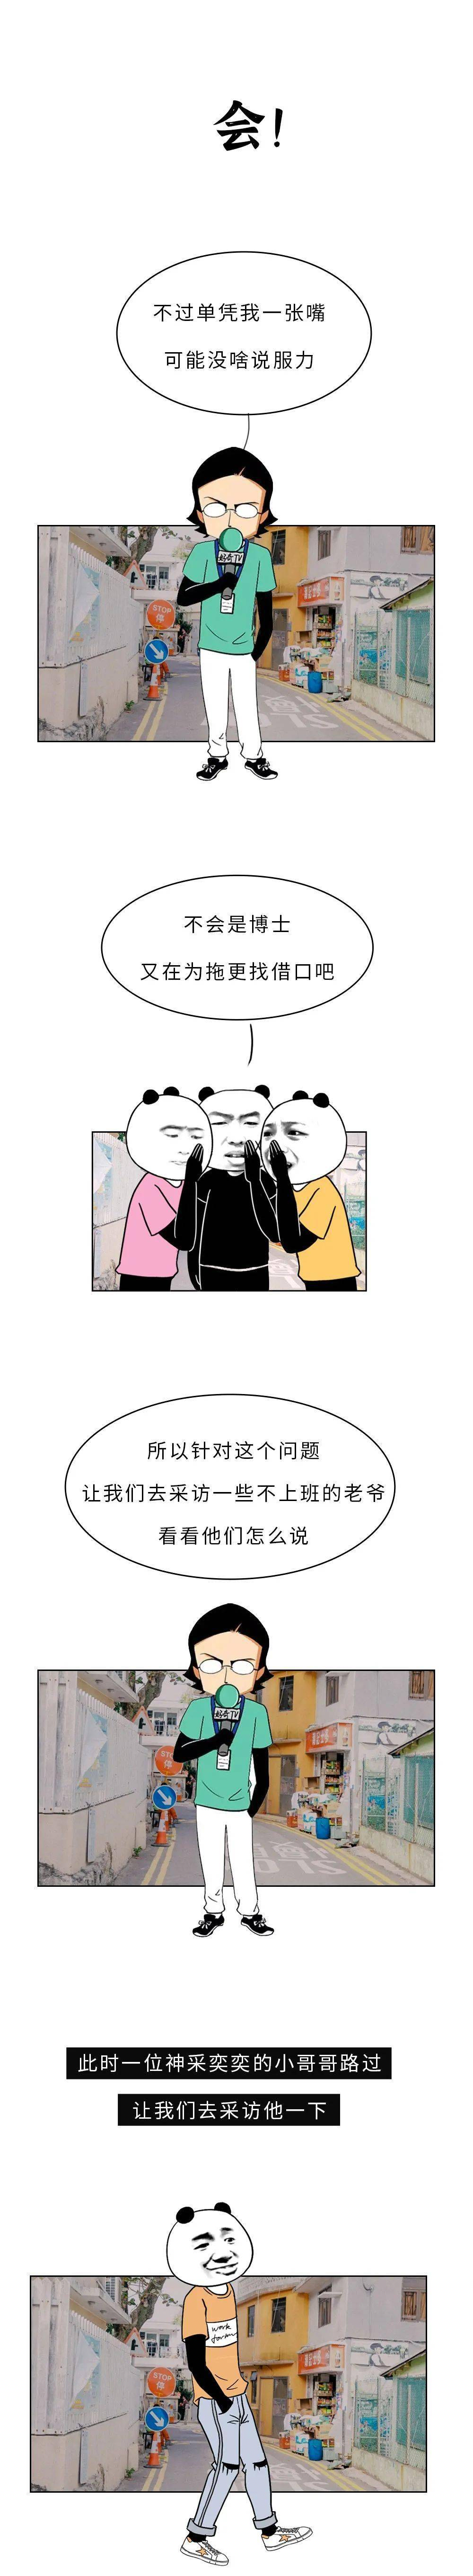 沐鸣3游戏-首页【1.1.7】